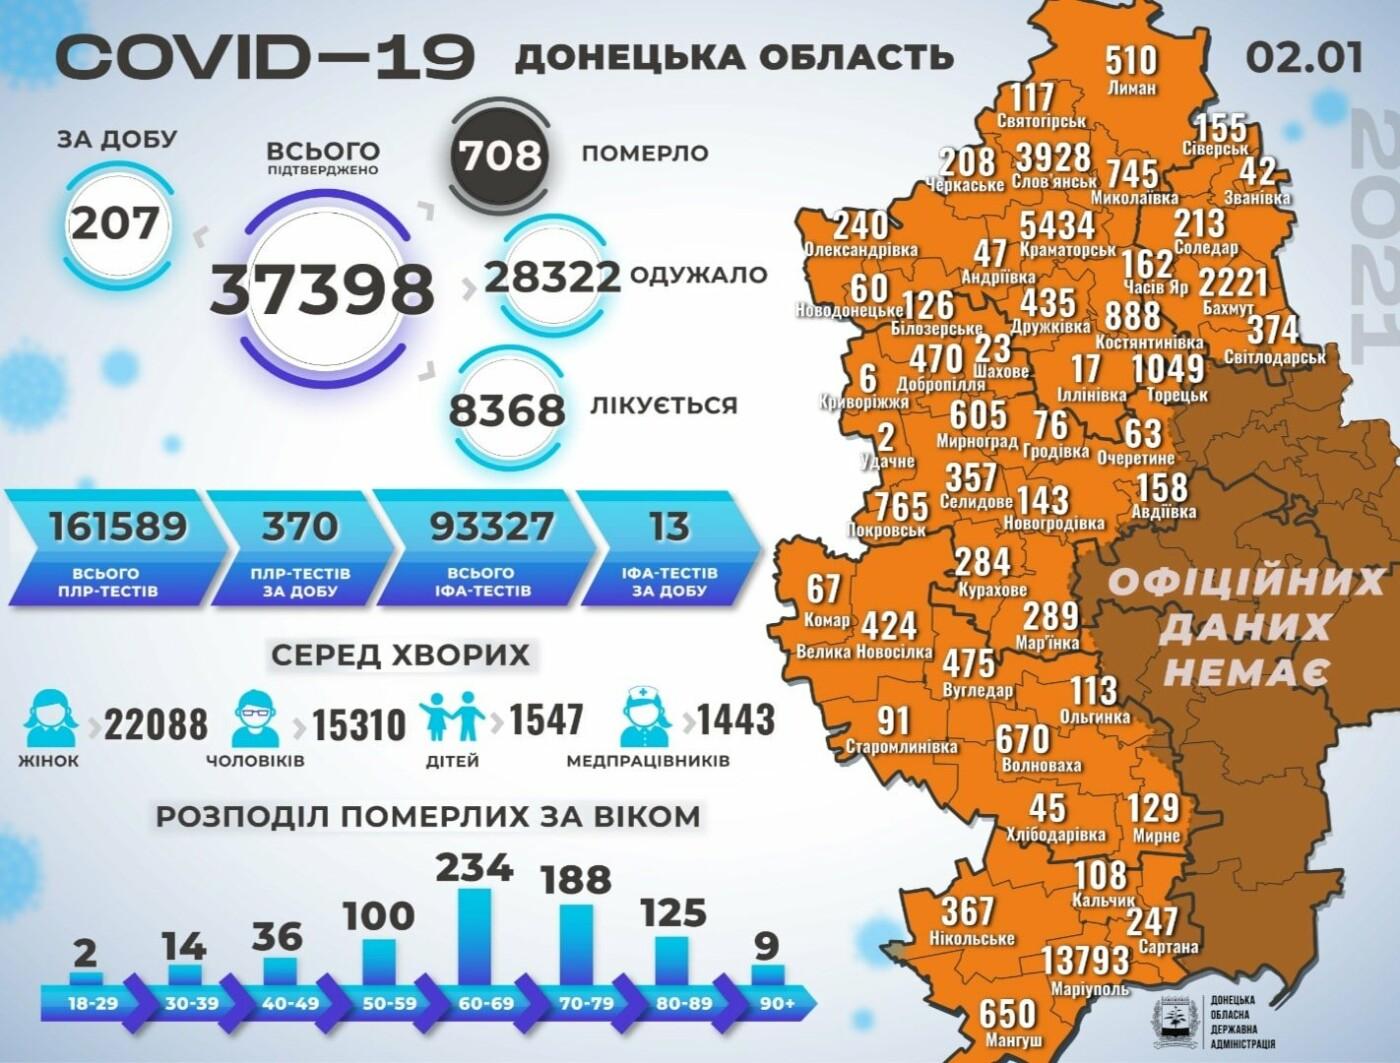 В Донецкой области 207 новых случаев коронавируса, фото-1